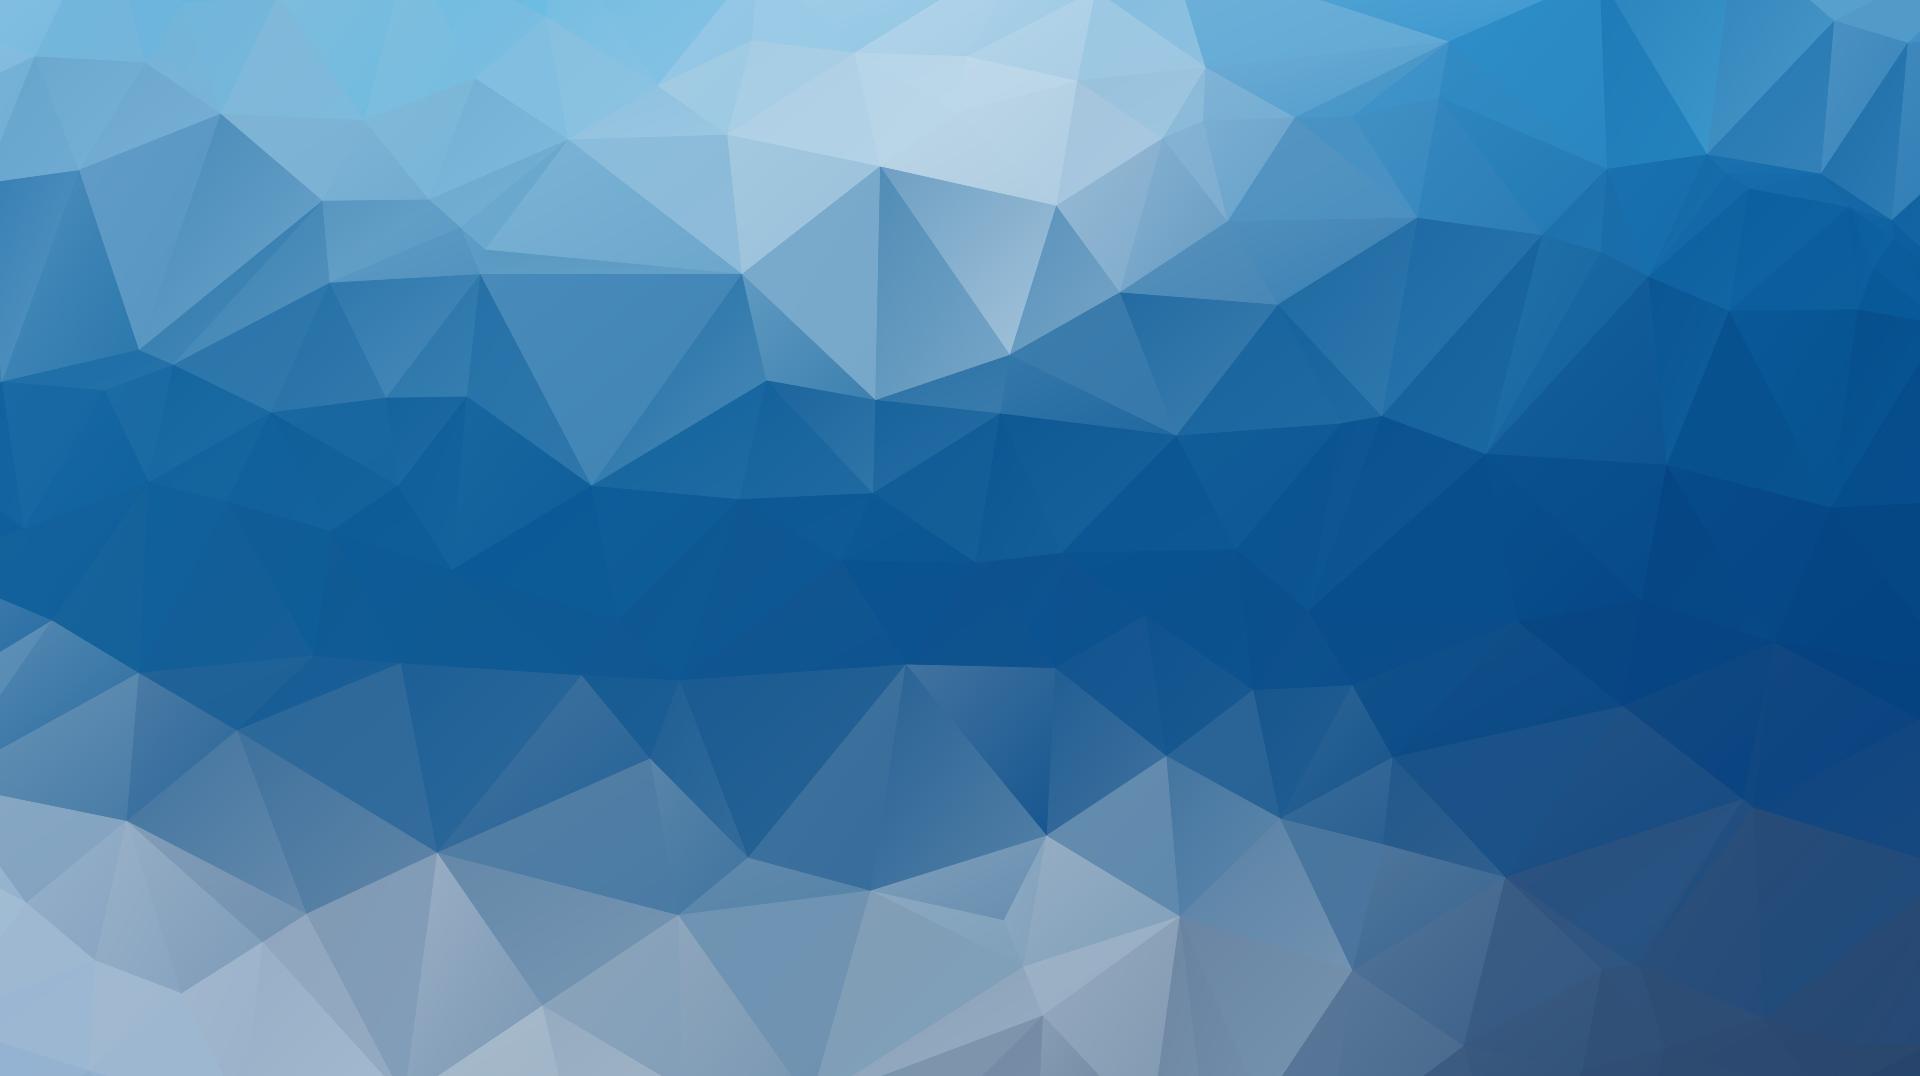 malla, त्रिकोण, polígonos, ब्लू, celeste - HD वॉलपेपर - प्रोफेसर-falken.com